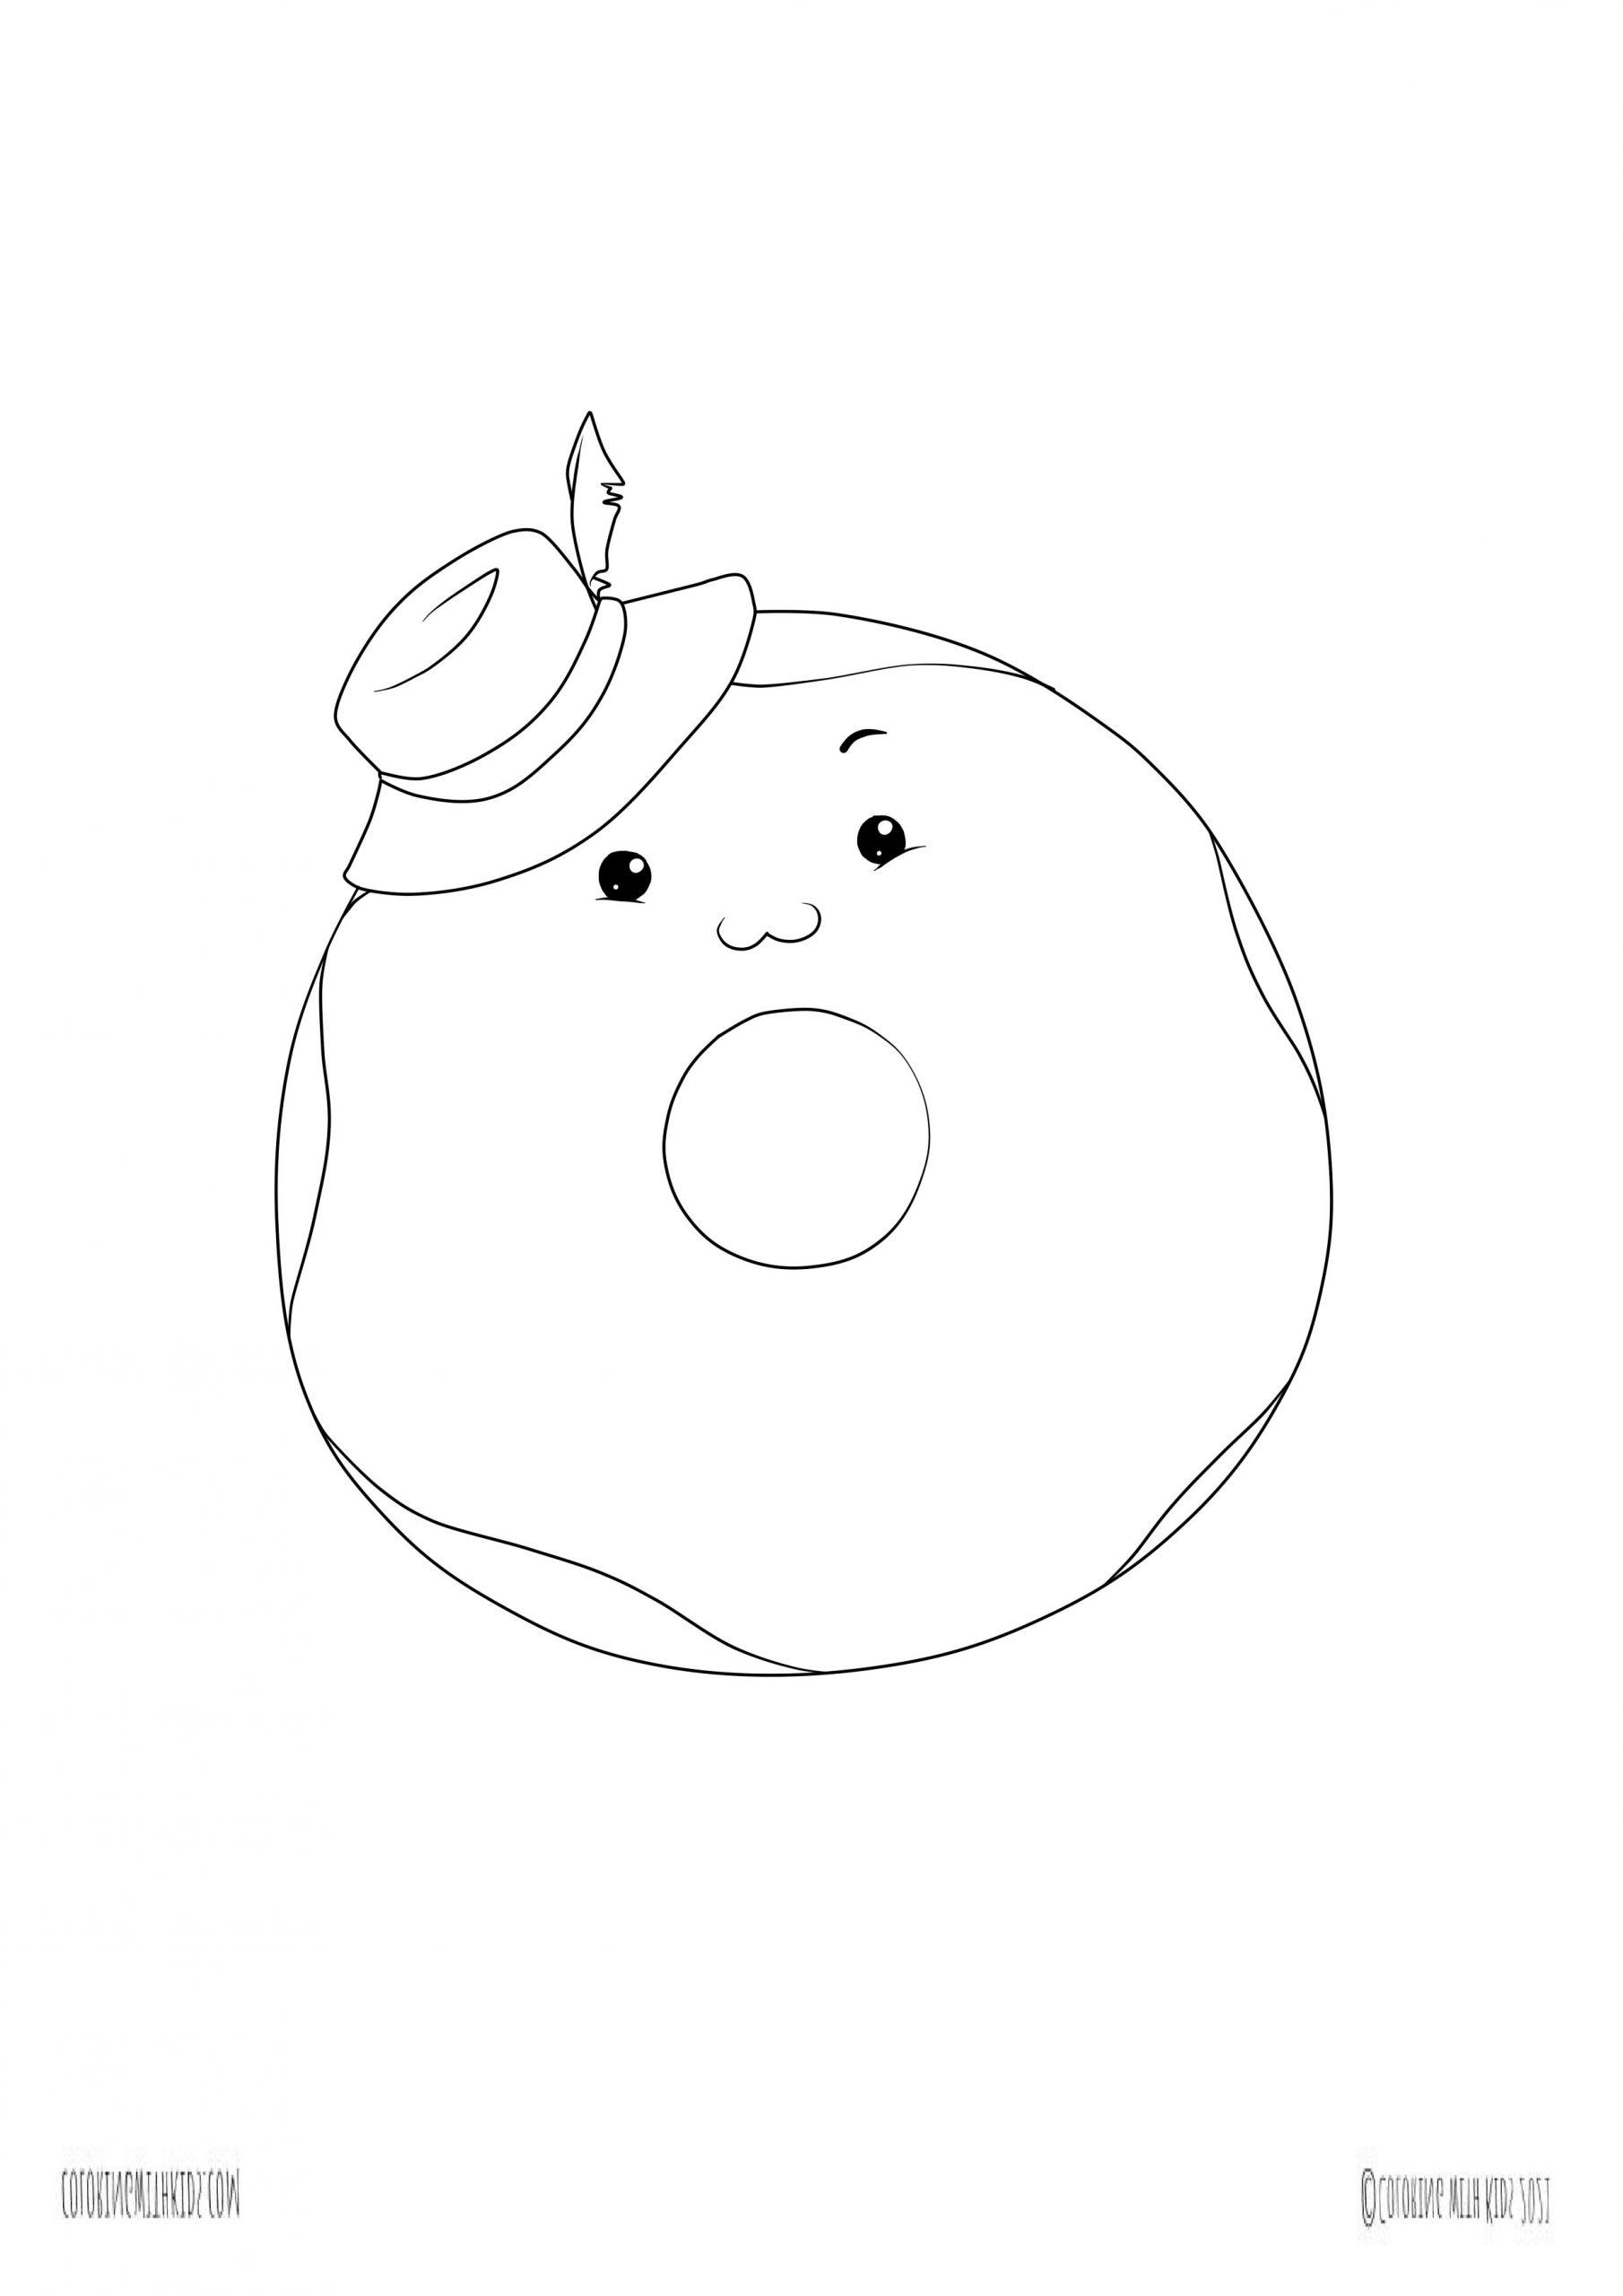 Kawaii Donut coloring page